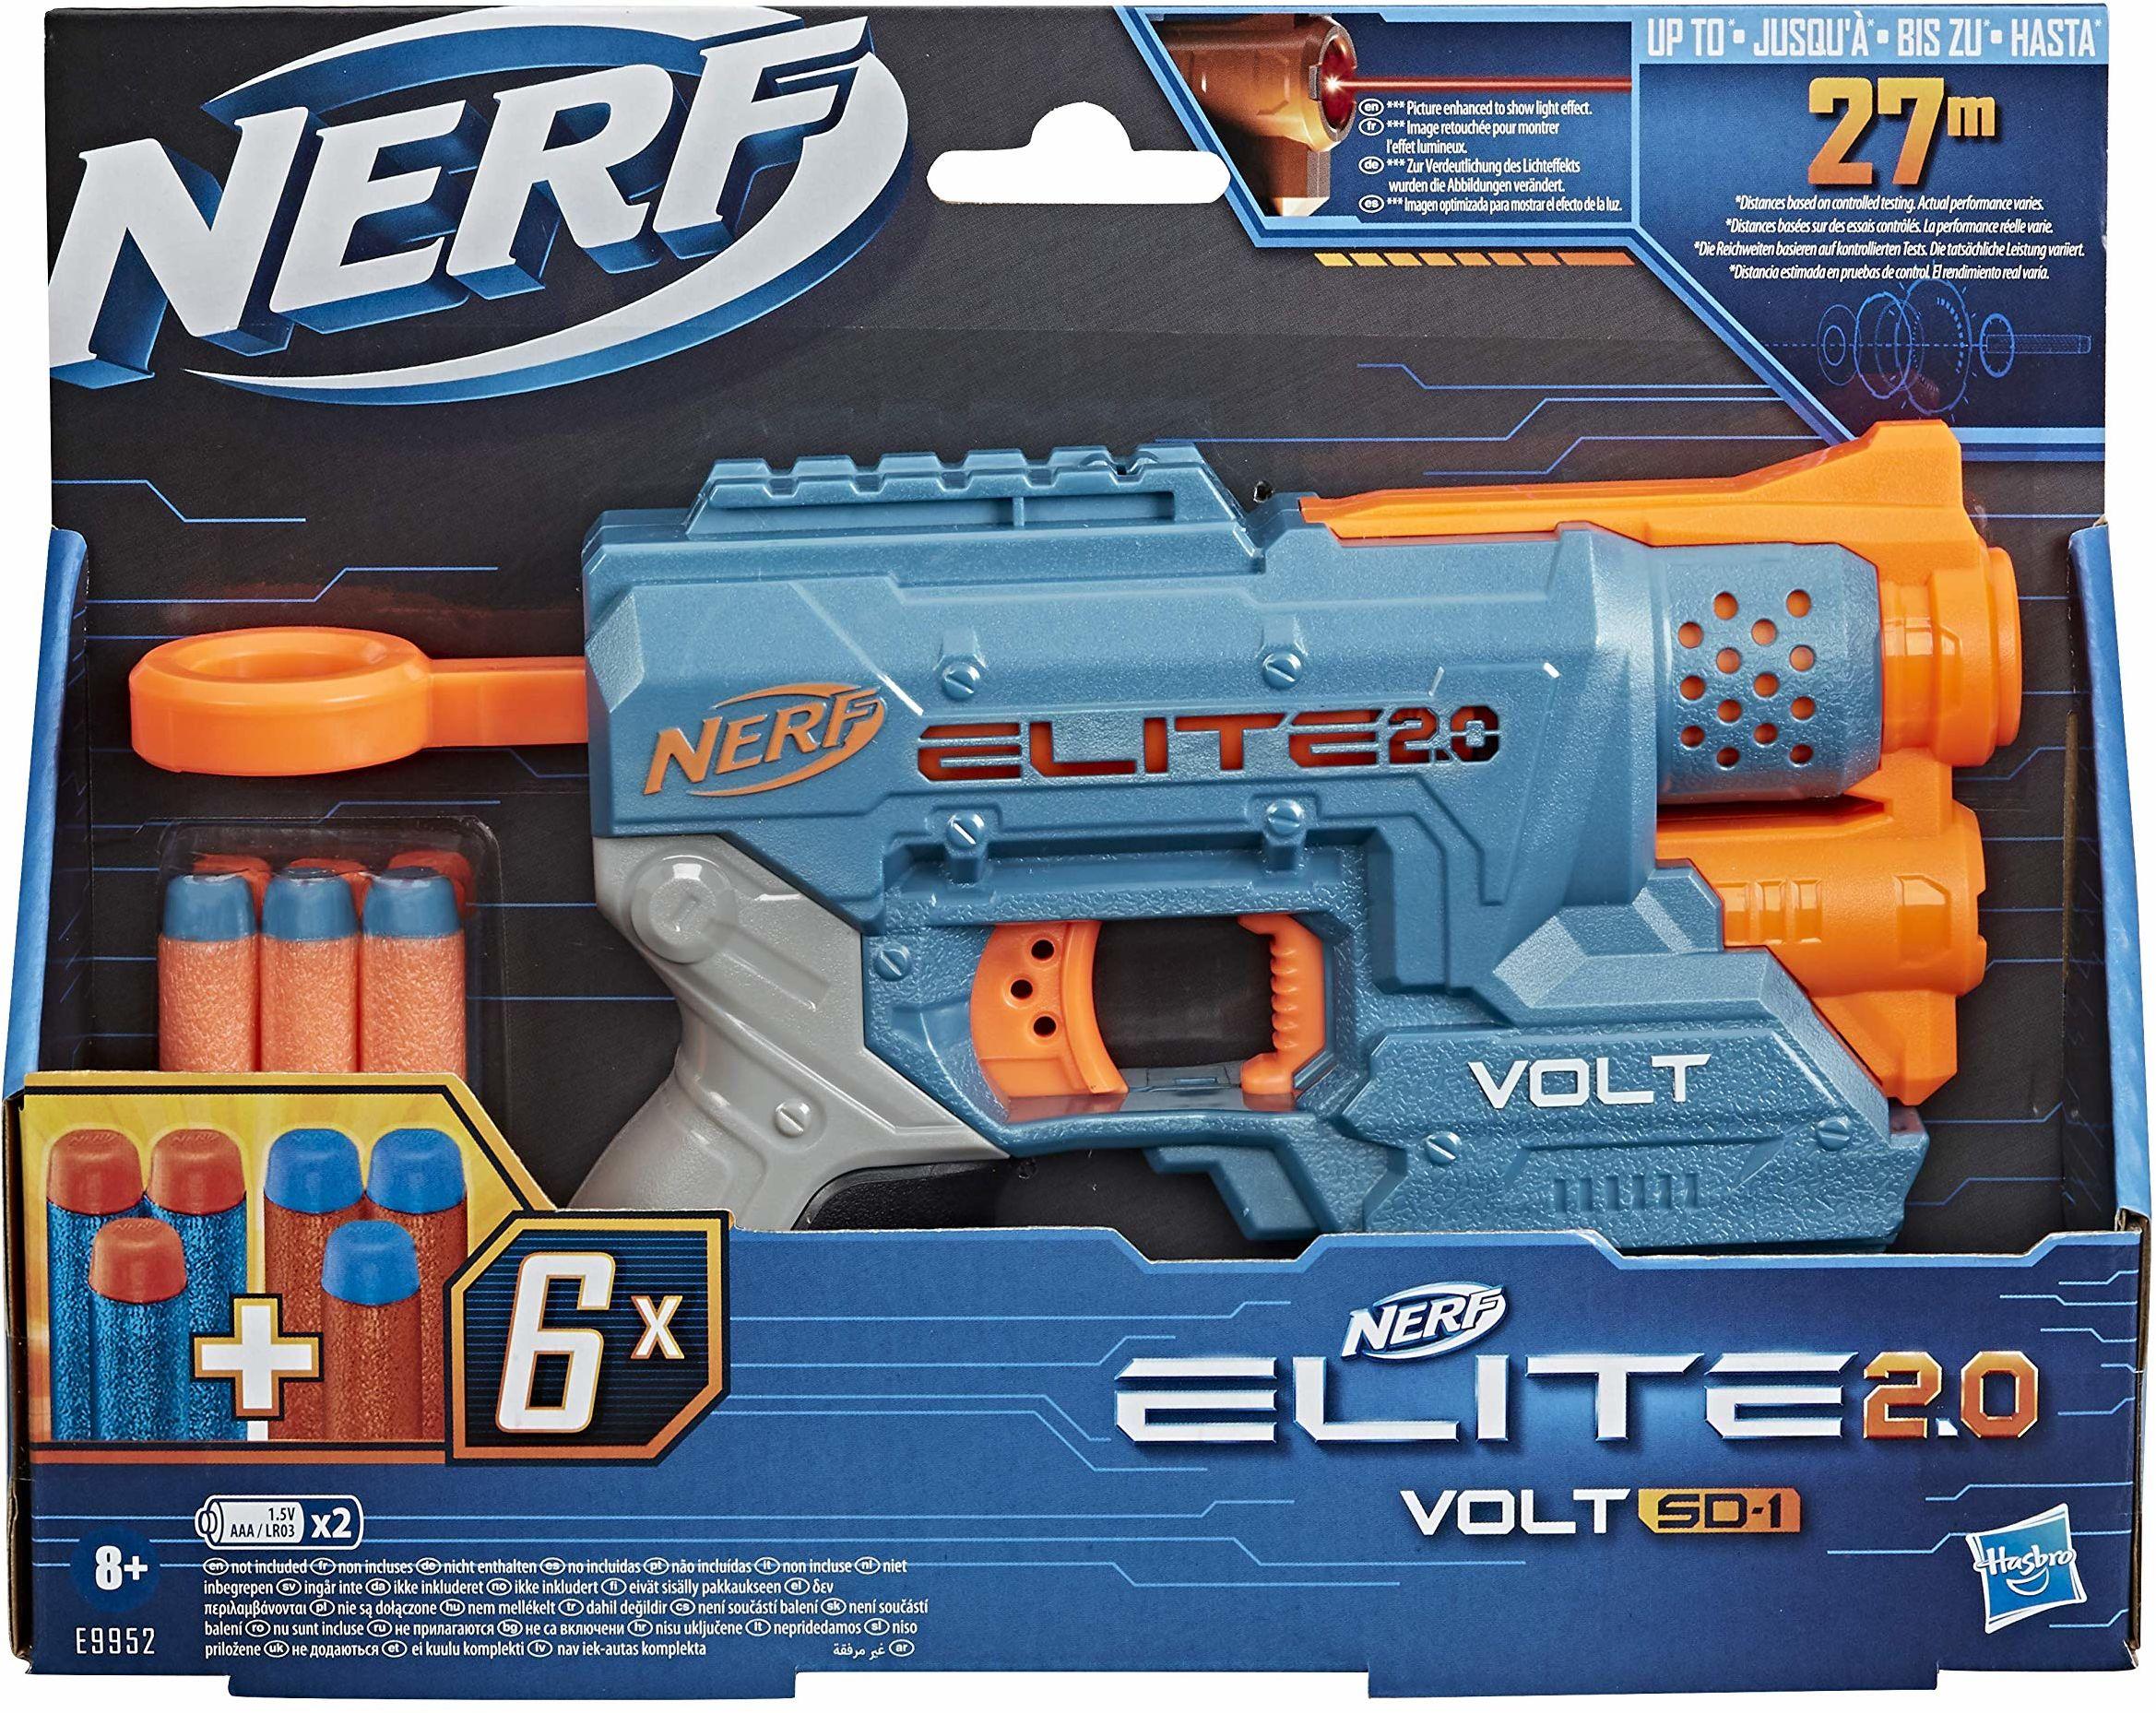 NERF Elite 2.0 Volt SD-1 Wyrzutnia - 6 oryginalnych strzałek NERF, celowanie przy pomocy wiązki światła, miejsce na 2 strzałki, 2 szyny na akcesoria dające możliwość dostosowania do walki